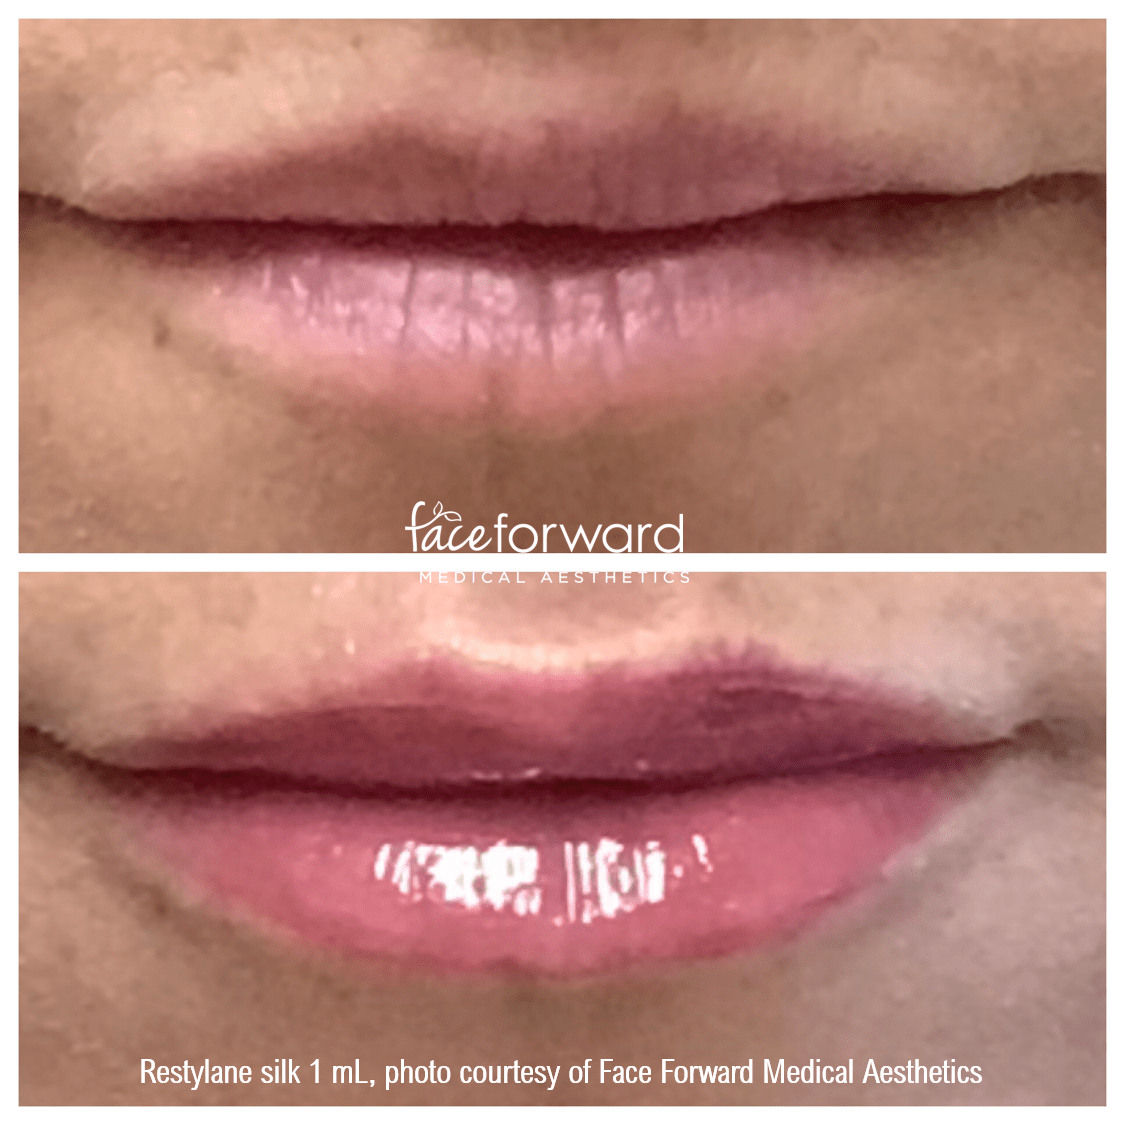 lip-filler-restylane-before-after.png